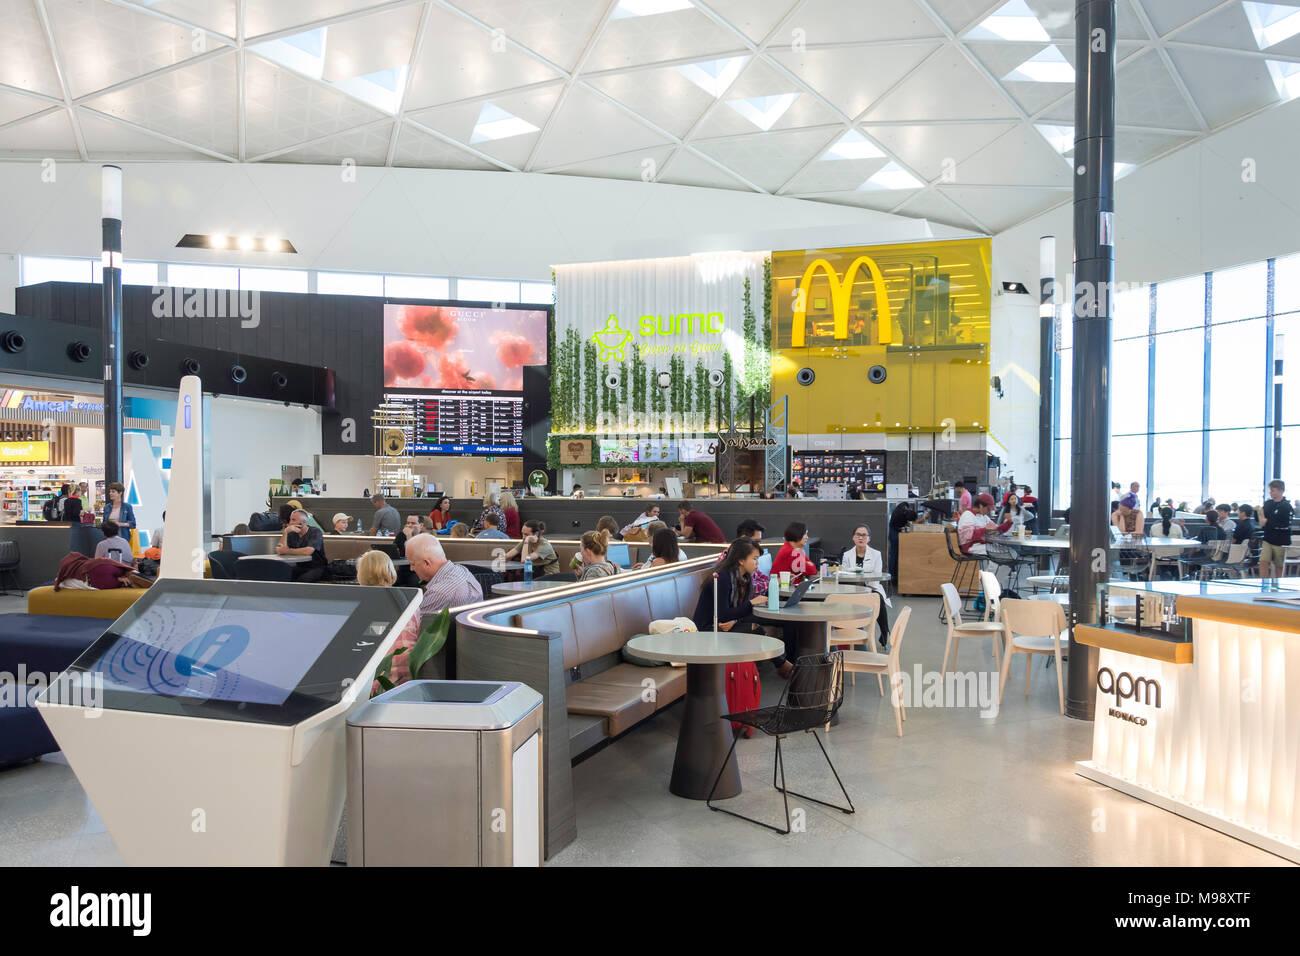 Salle d'embarquement à l'aéroport de Sydney Kingsford Smith, Mascot, Sydney, New South Wales, Australia Photo Stock